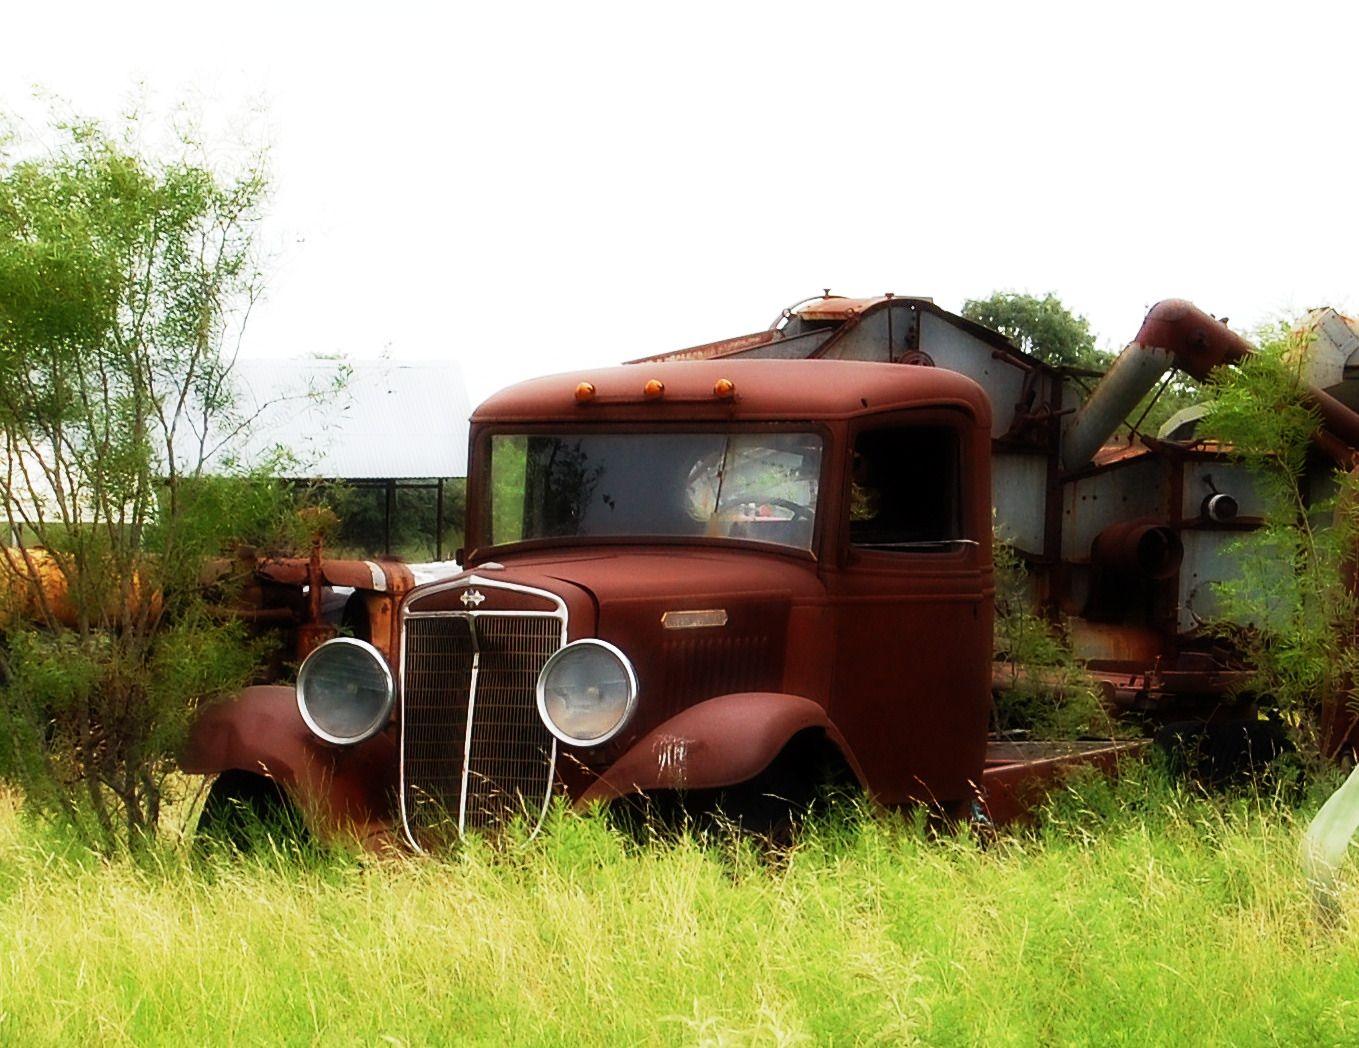 Old car in field by Stacy\'s Art | Cool junk | Pinterest | Fields ...